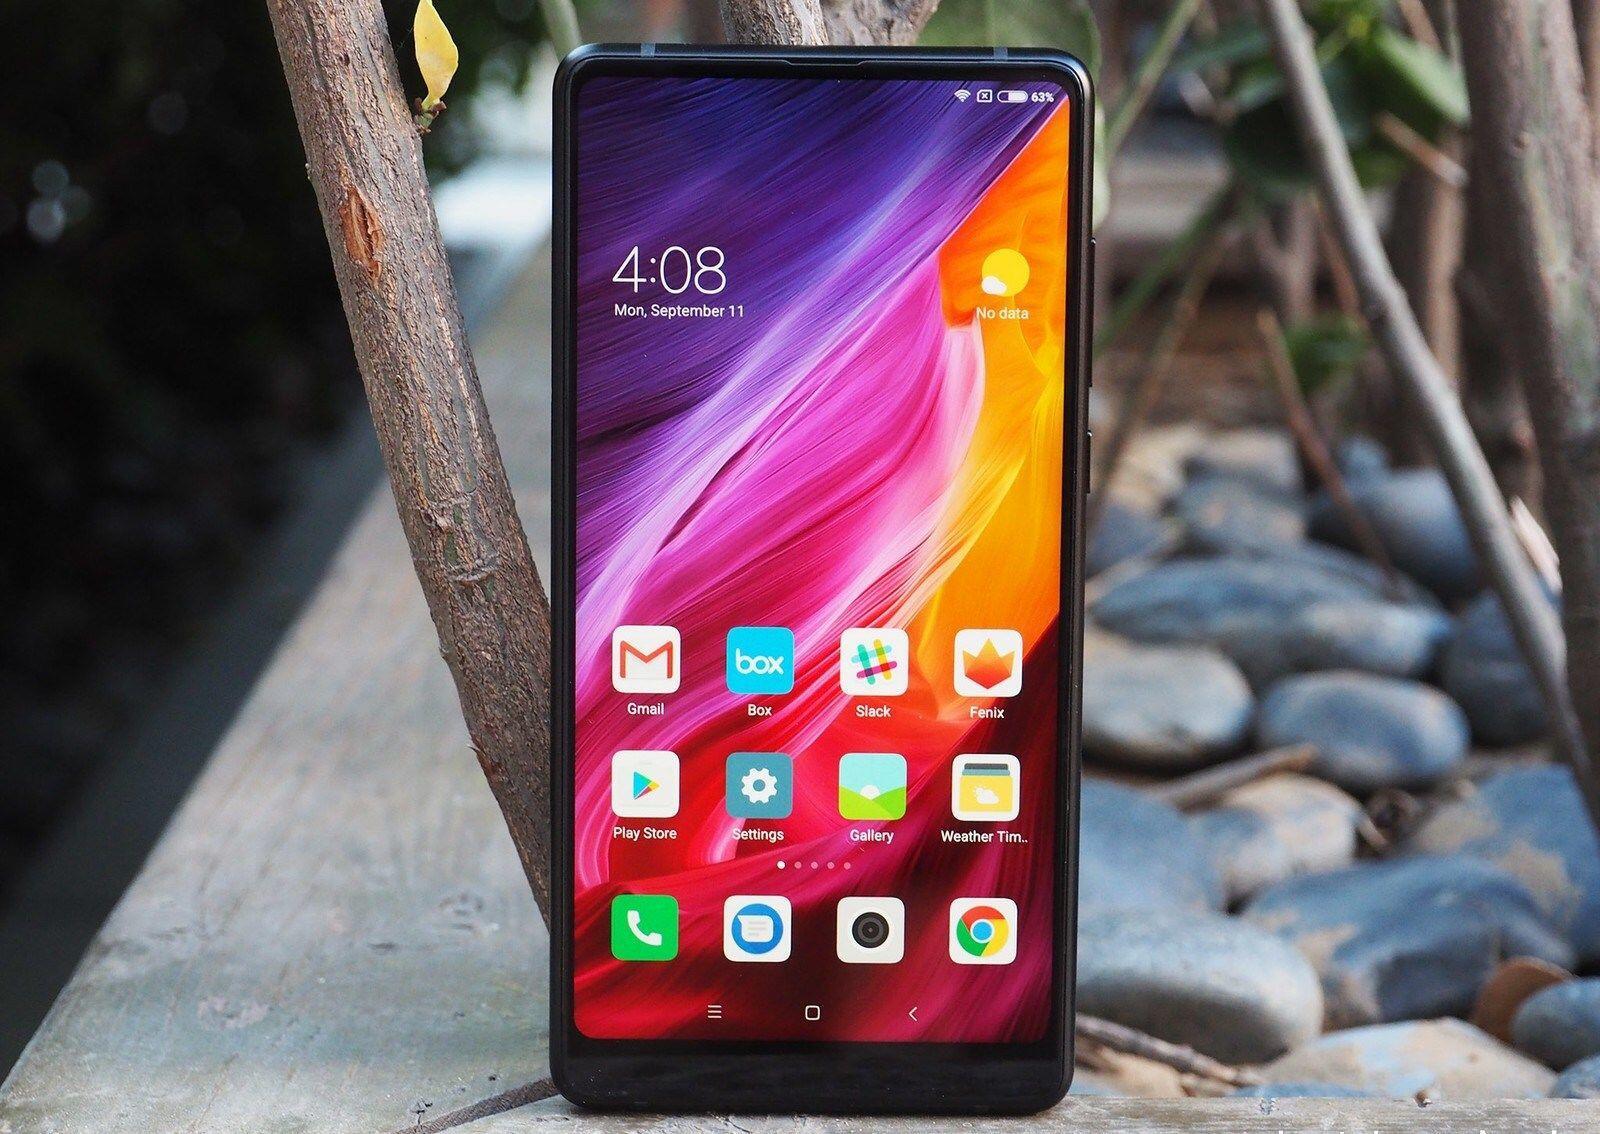 Cocok untuk Fotografi, Ini 5 Smartphone Xiaomi dengan Sensor Sony IMX